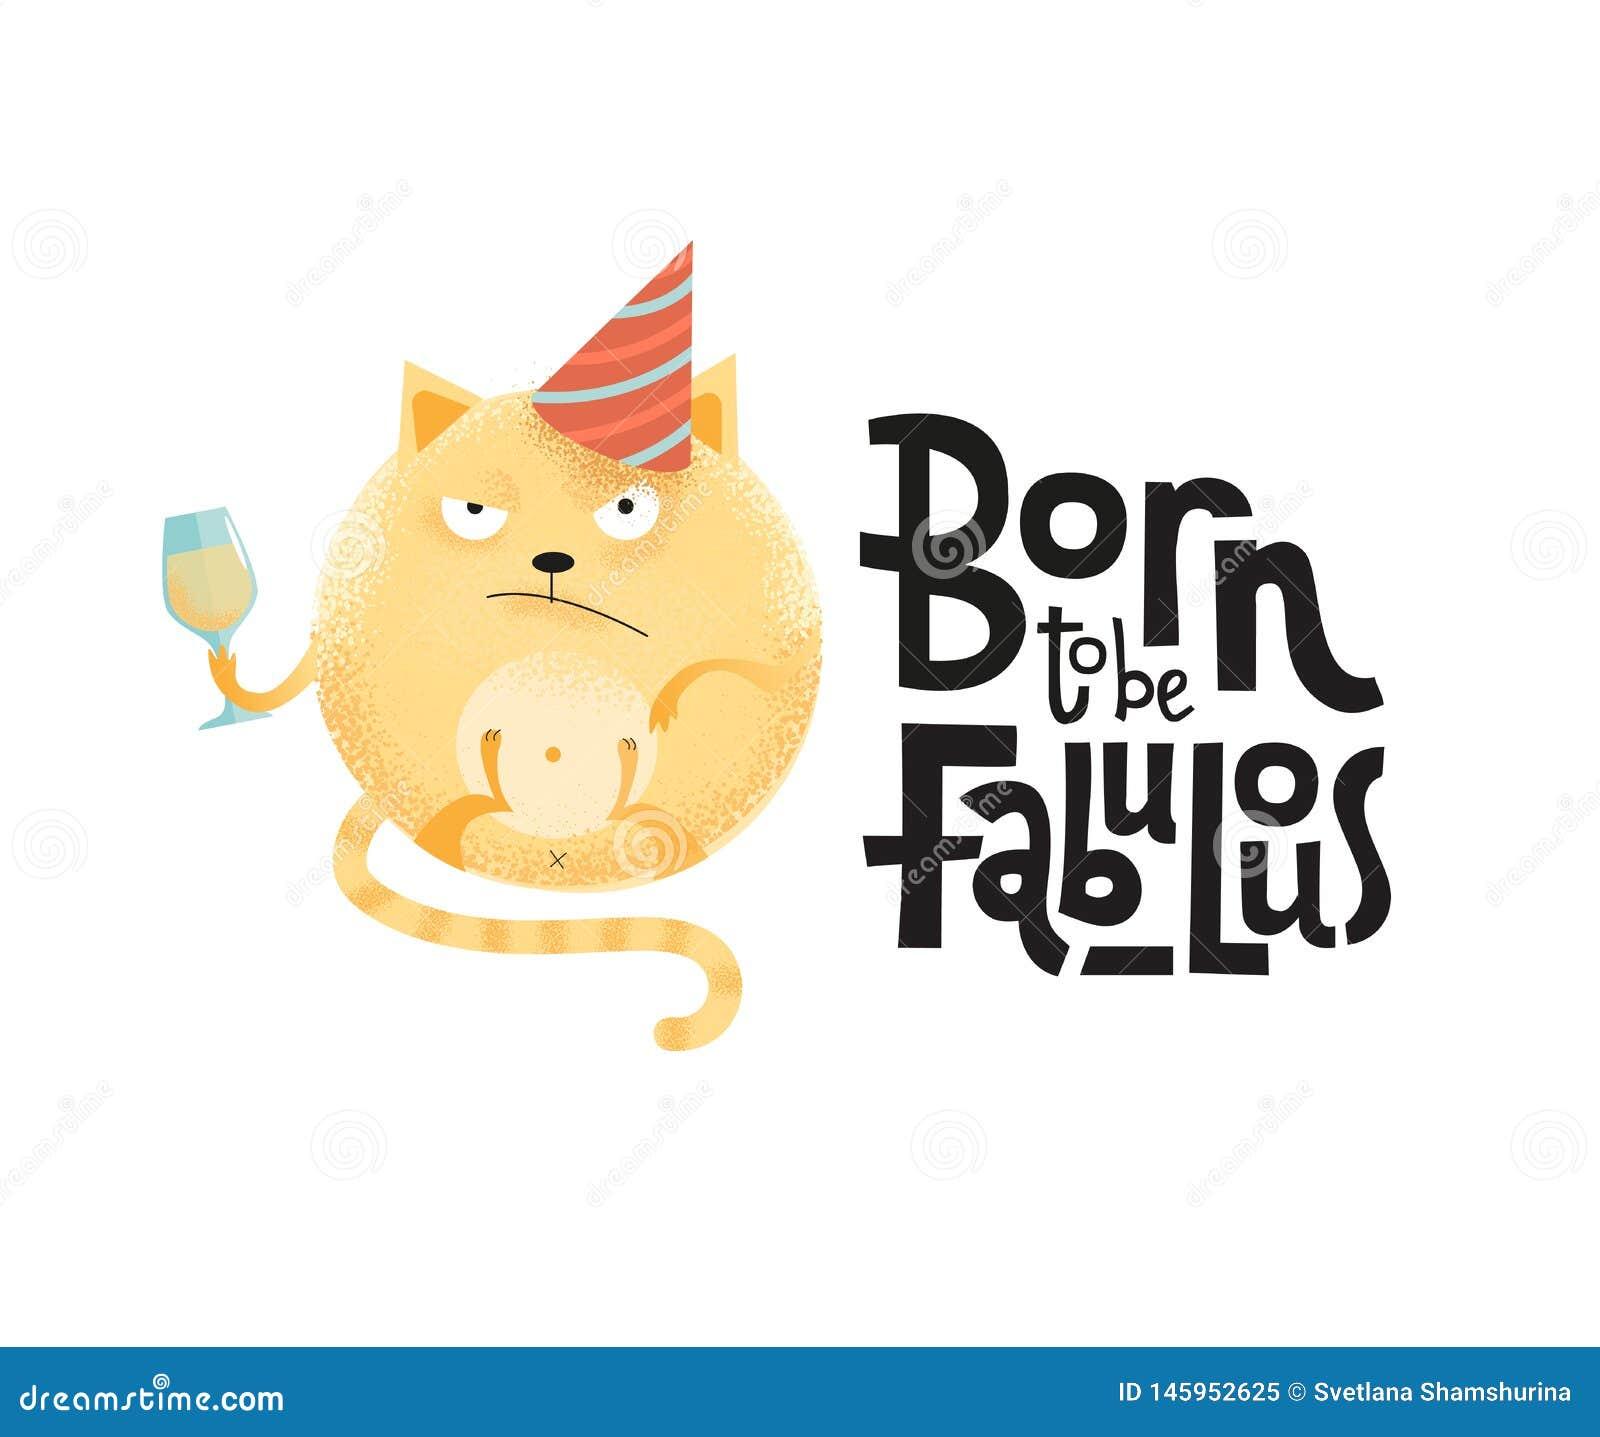 Uthärdat för att vara sagolikt roligt, festligt, svart blidka citationstecknet med den ilskna runda katten med vinglaset, ferielo